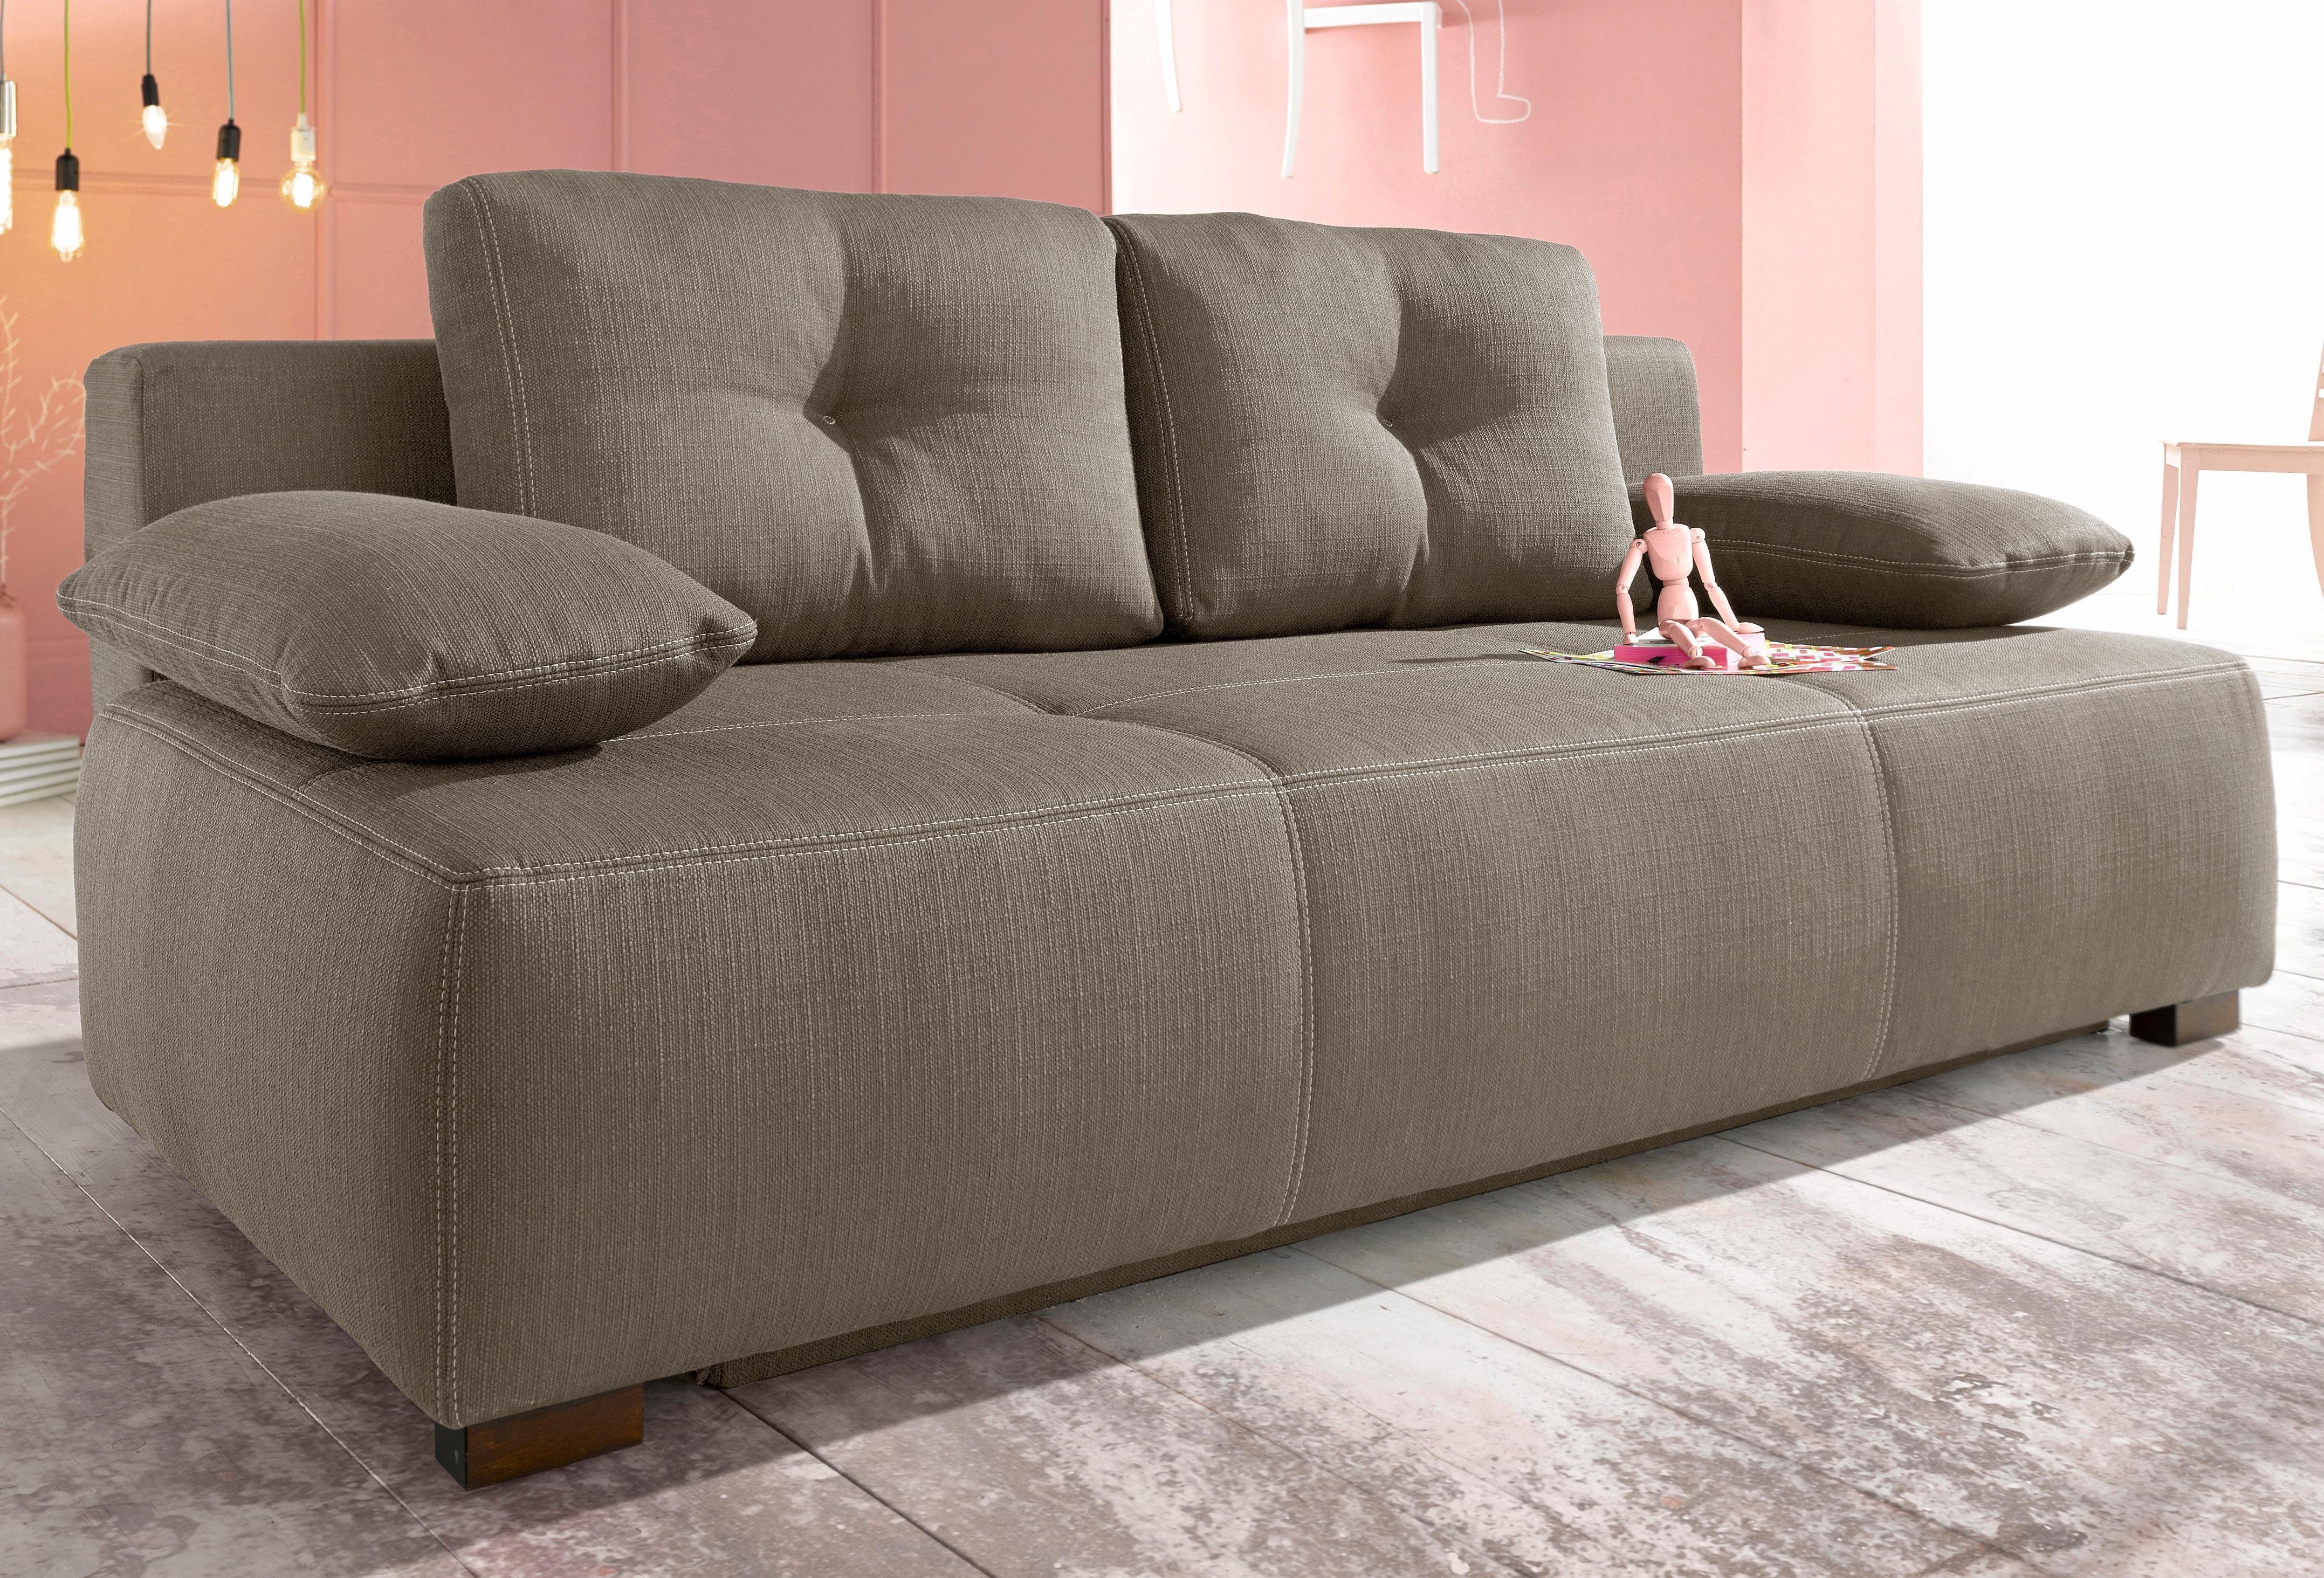 Schlafsofa | Wohnzimmer > Sofas & Couches > Schlafsofas | Polyester